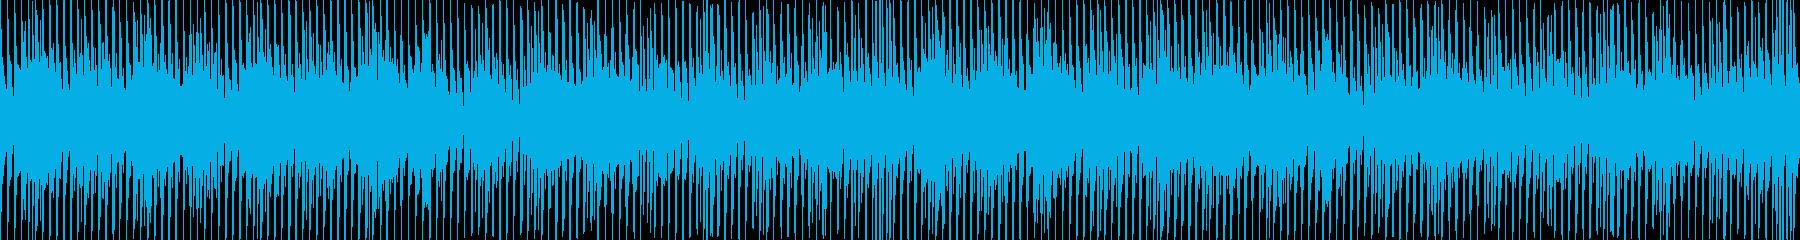 【クリスマス】ラミーなアイコ ループ仕様の再生済みの波形